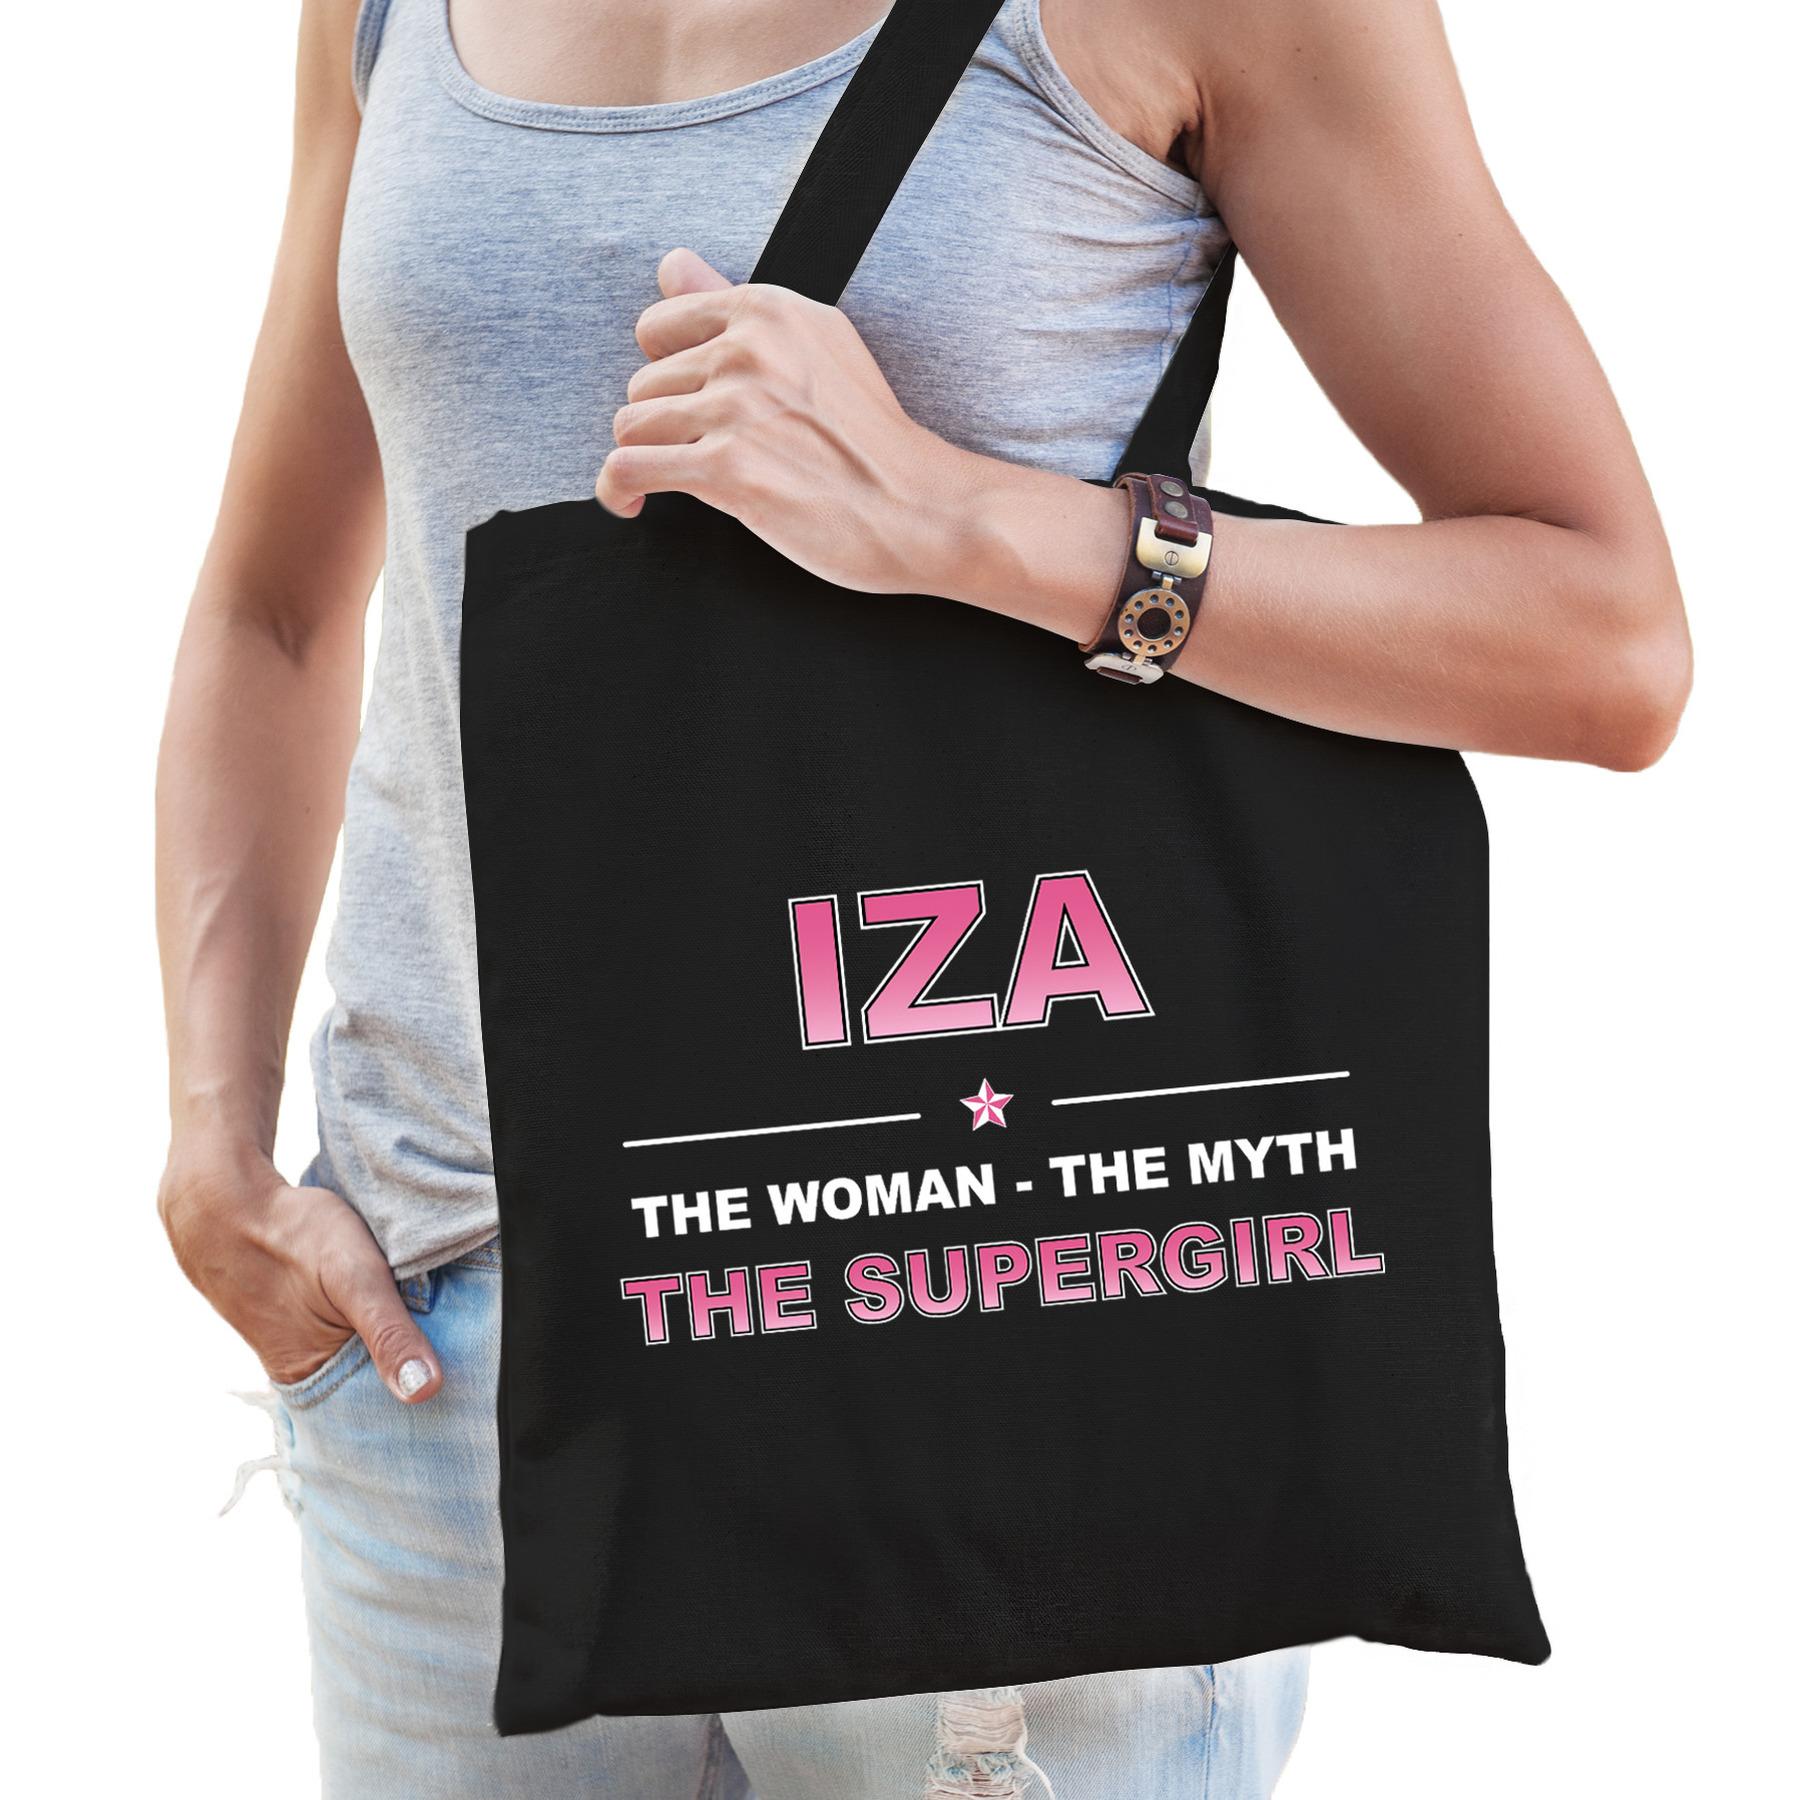 Naam cadeau tas Iza - the supergirl zwart voor dames